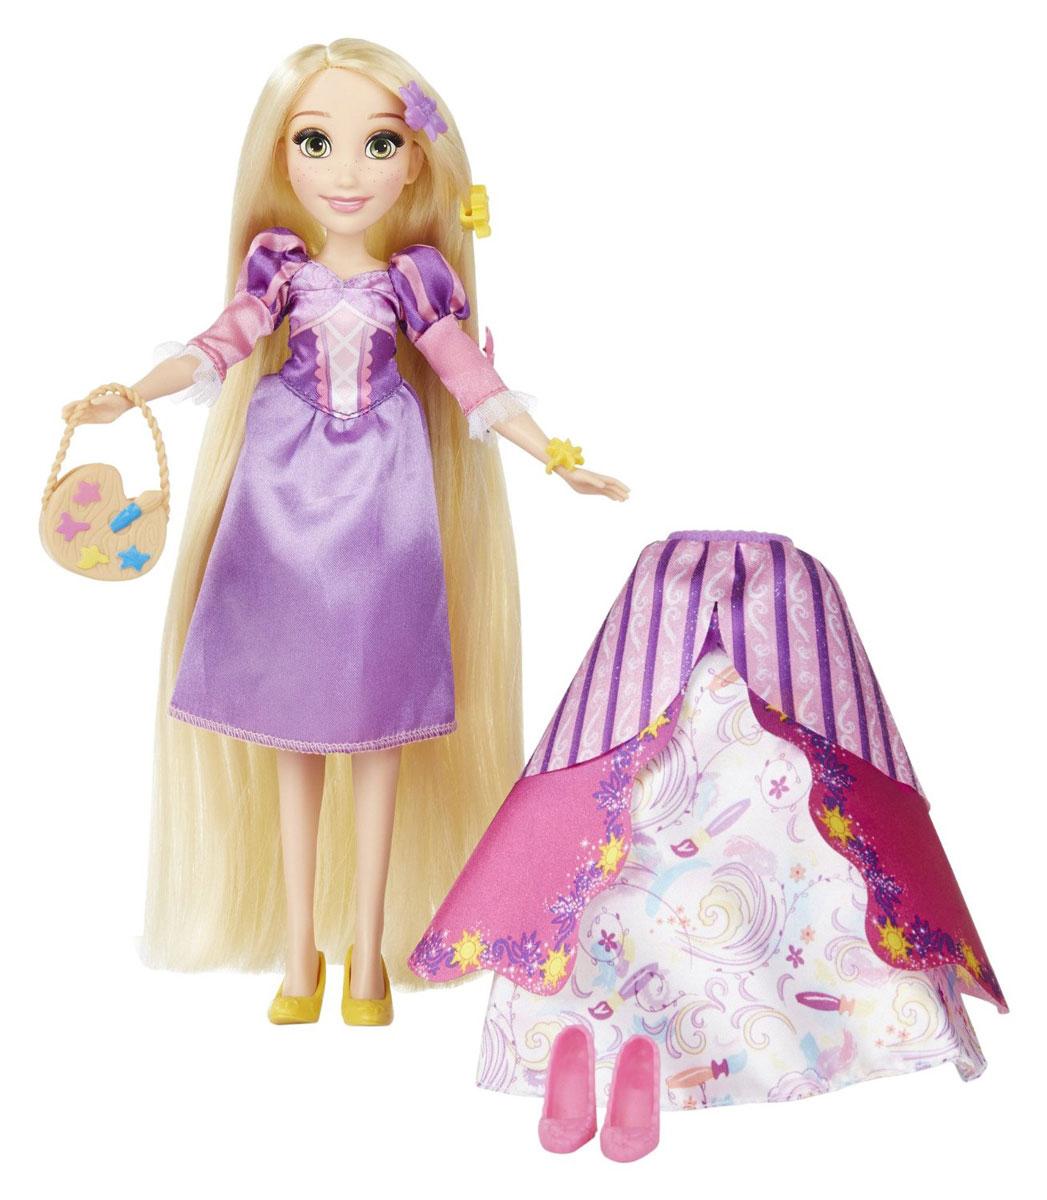 Disney Princess Кукла Рапунцель в платье со сменными юбкамиB5312EU4_B5315Очаровательная кукла Disney Princess Рапунцель станет любимой игрушкой вашей маленькой принцессы. Модель изготовлена из прочного пластика, а ее одежда изготовлена из высококачественного текстиля. Кукла выполнена в виде Рапунцель - героини одноименного мультфильма. Модель имеет высокую степень детализации, качественно прорисованы даже самые мелкие детали. Рапунцель одета в красивое платье. Длинные светлые локоны принцессы можно расчесывать и заплетать красивые прически. Пышные юбки, украшения для волос, две пары туфель и сумочка, входящие в комплект, разнообразят гардероб Рапунцель. С этой замечательной куклой ваша малышка окунется в сказочный мир и будет придумывать увлекательные истории про любимую героиню.